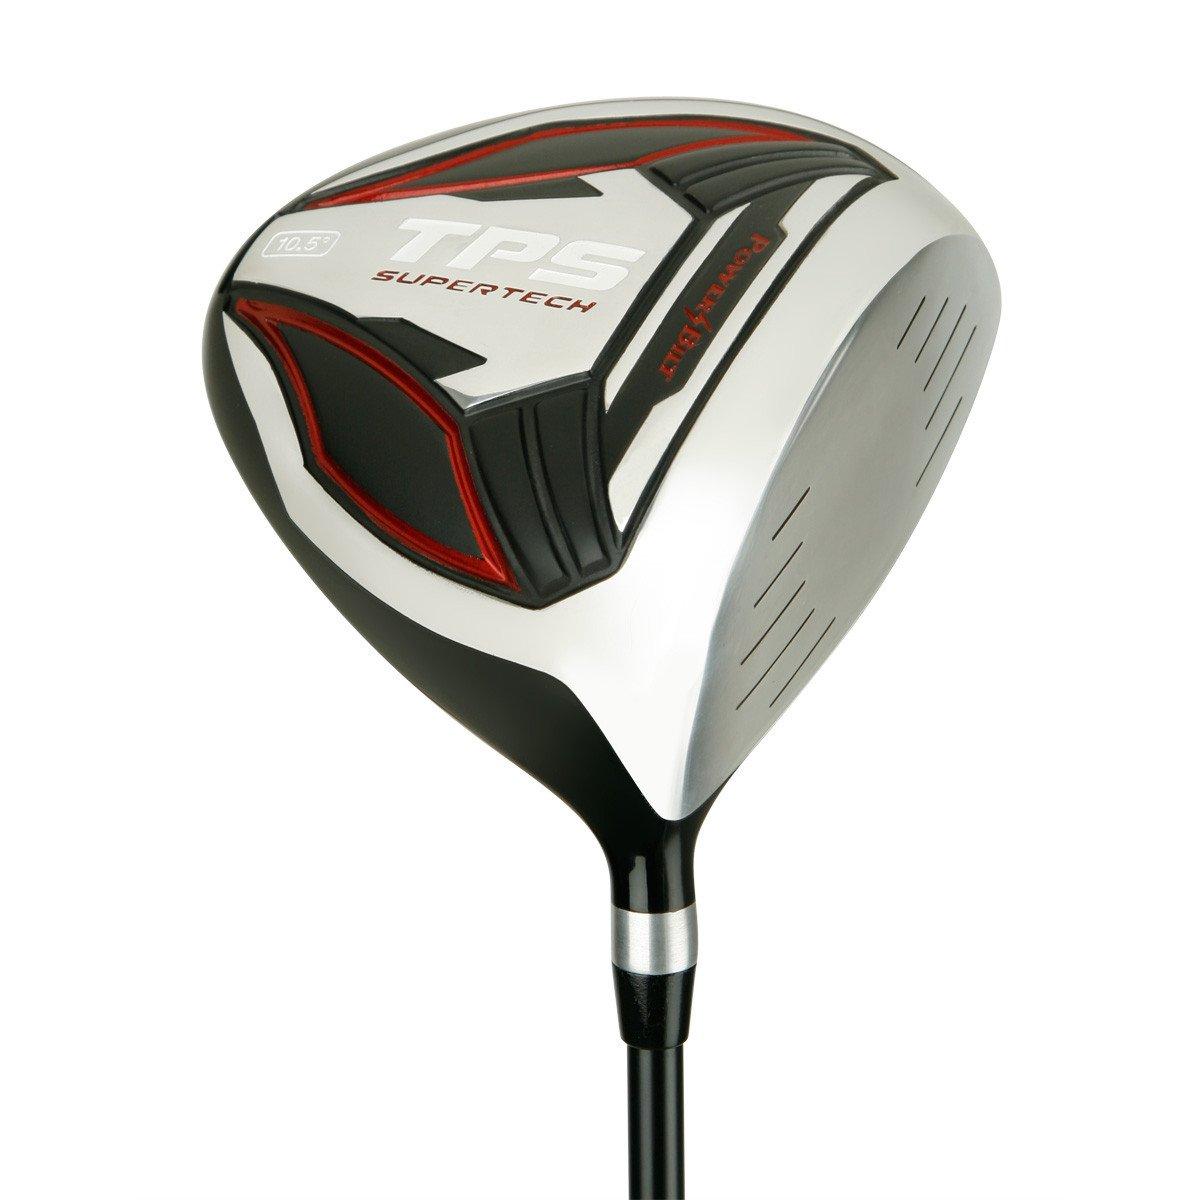 PowerBilt Golf TPS Supertech 10.5 Degrees Offset Driver, Black/Red, Right Hand